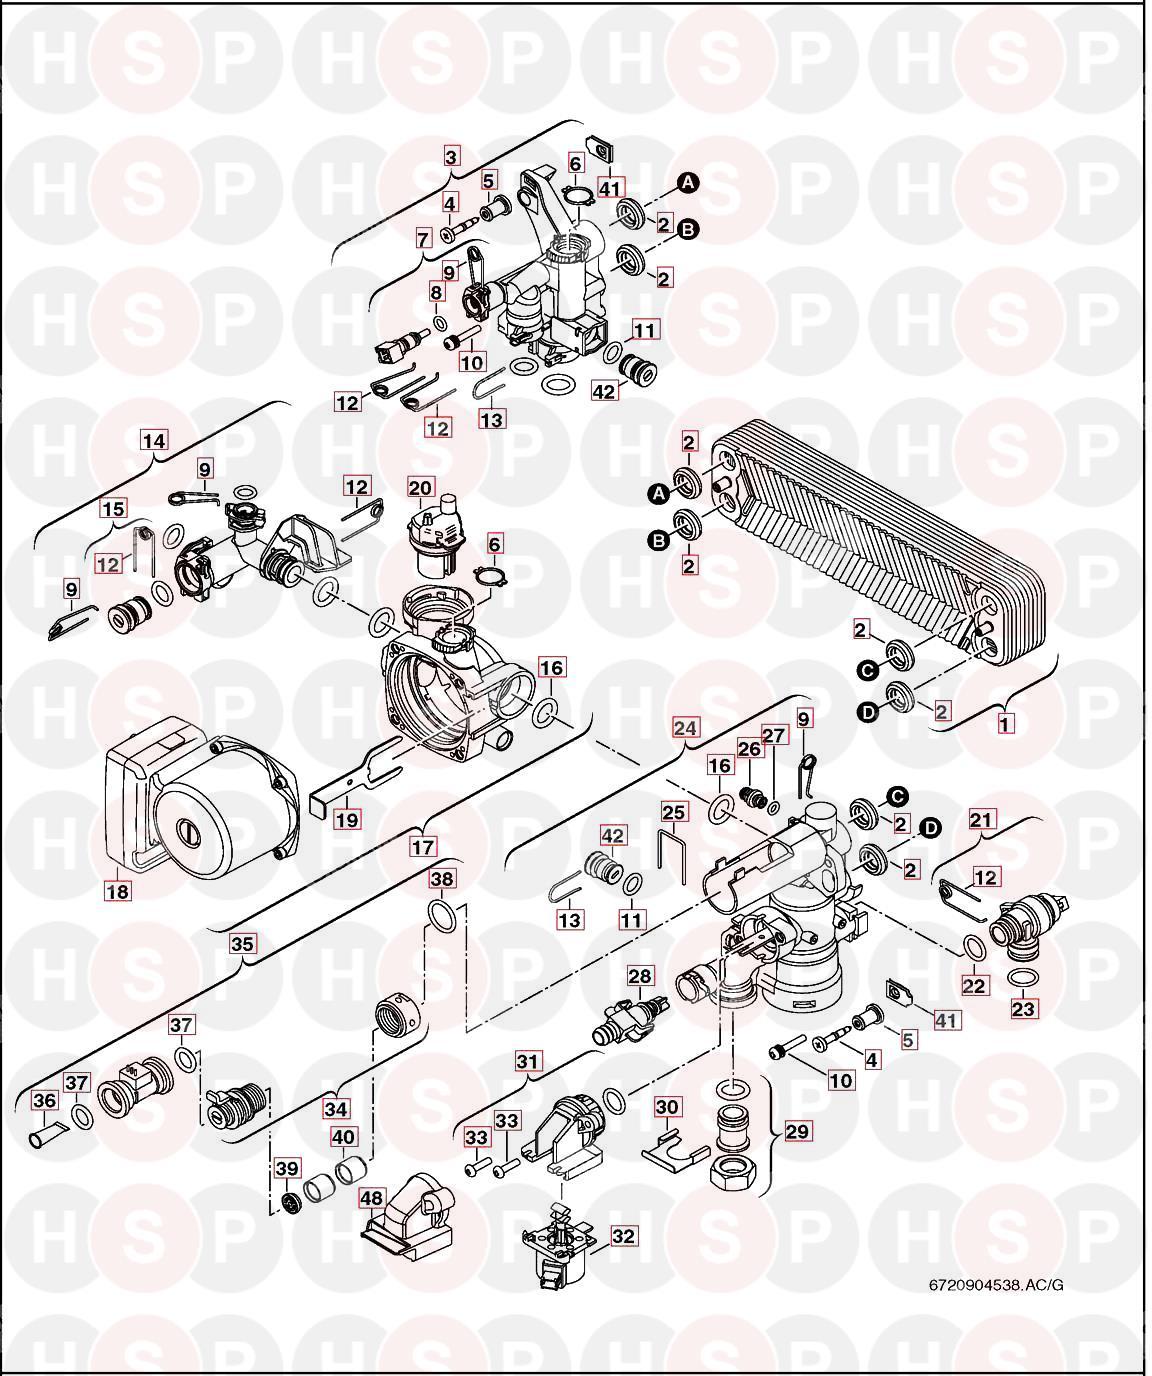 Worcester GREENSTAR 29CDI CLASSIC (HYDRAULIC BLOCK